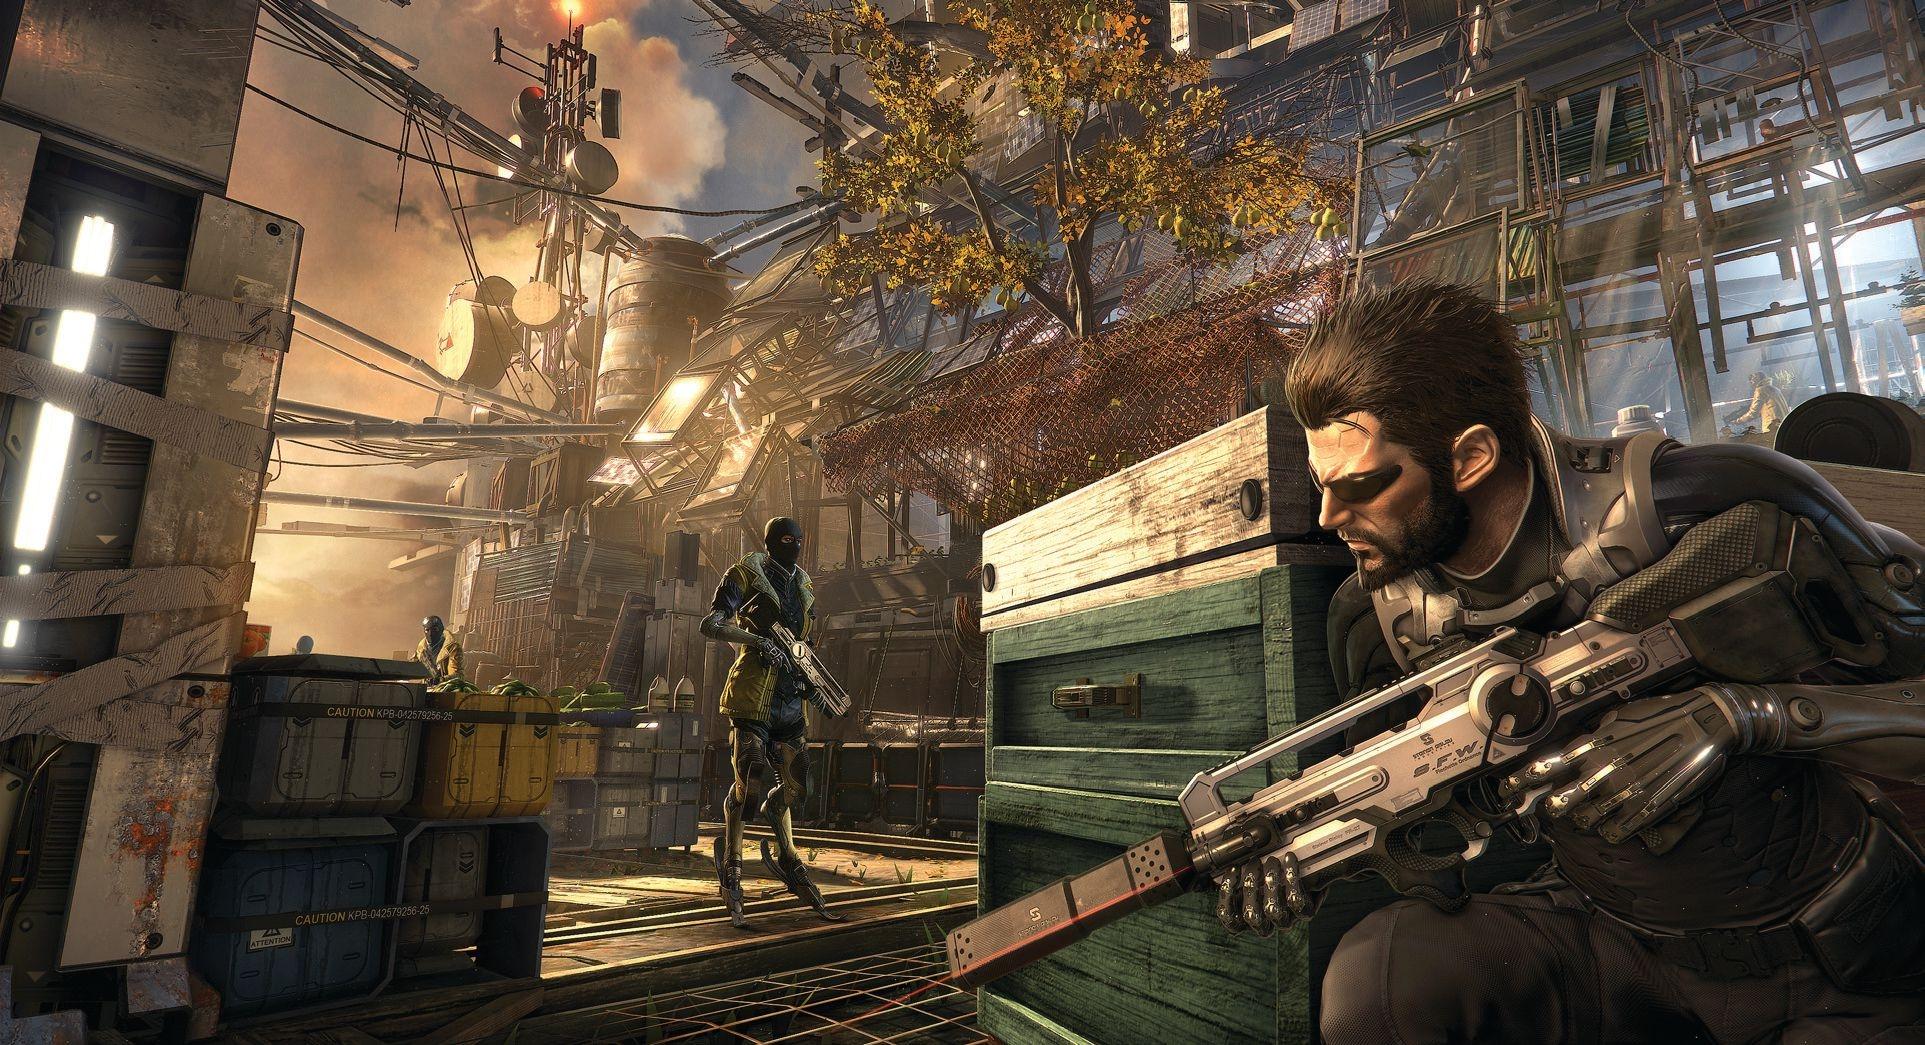 Nový Deus Ex má skutečně co dočinění s Českou republikou 107705